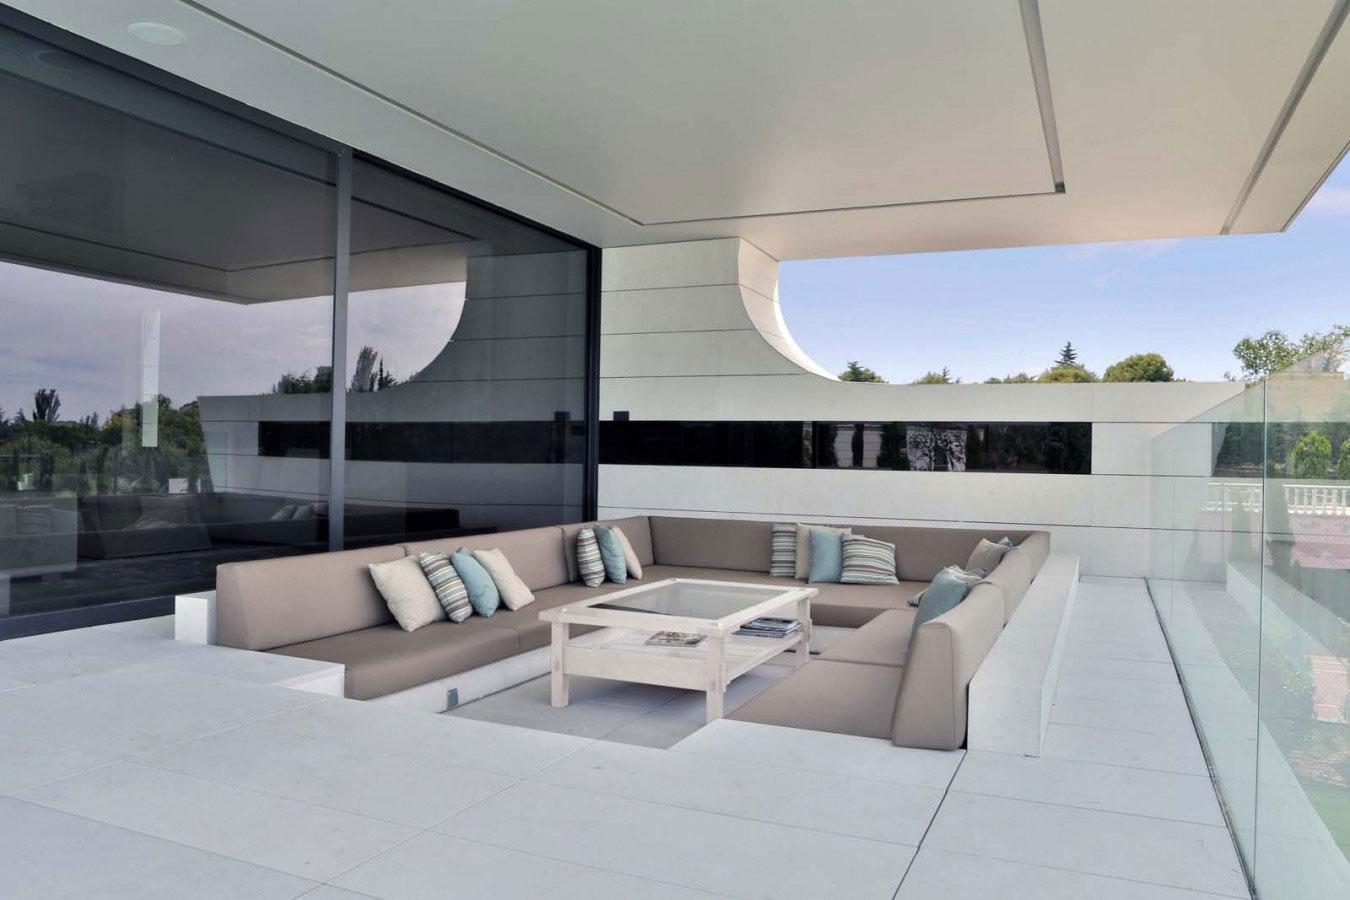 Balcony-House-09